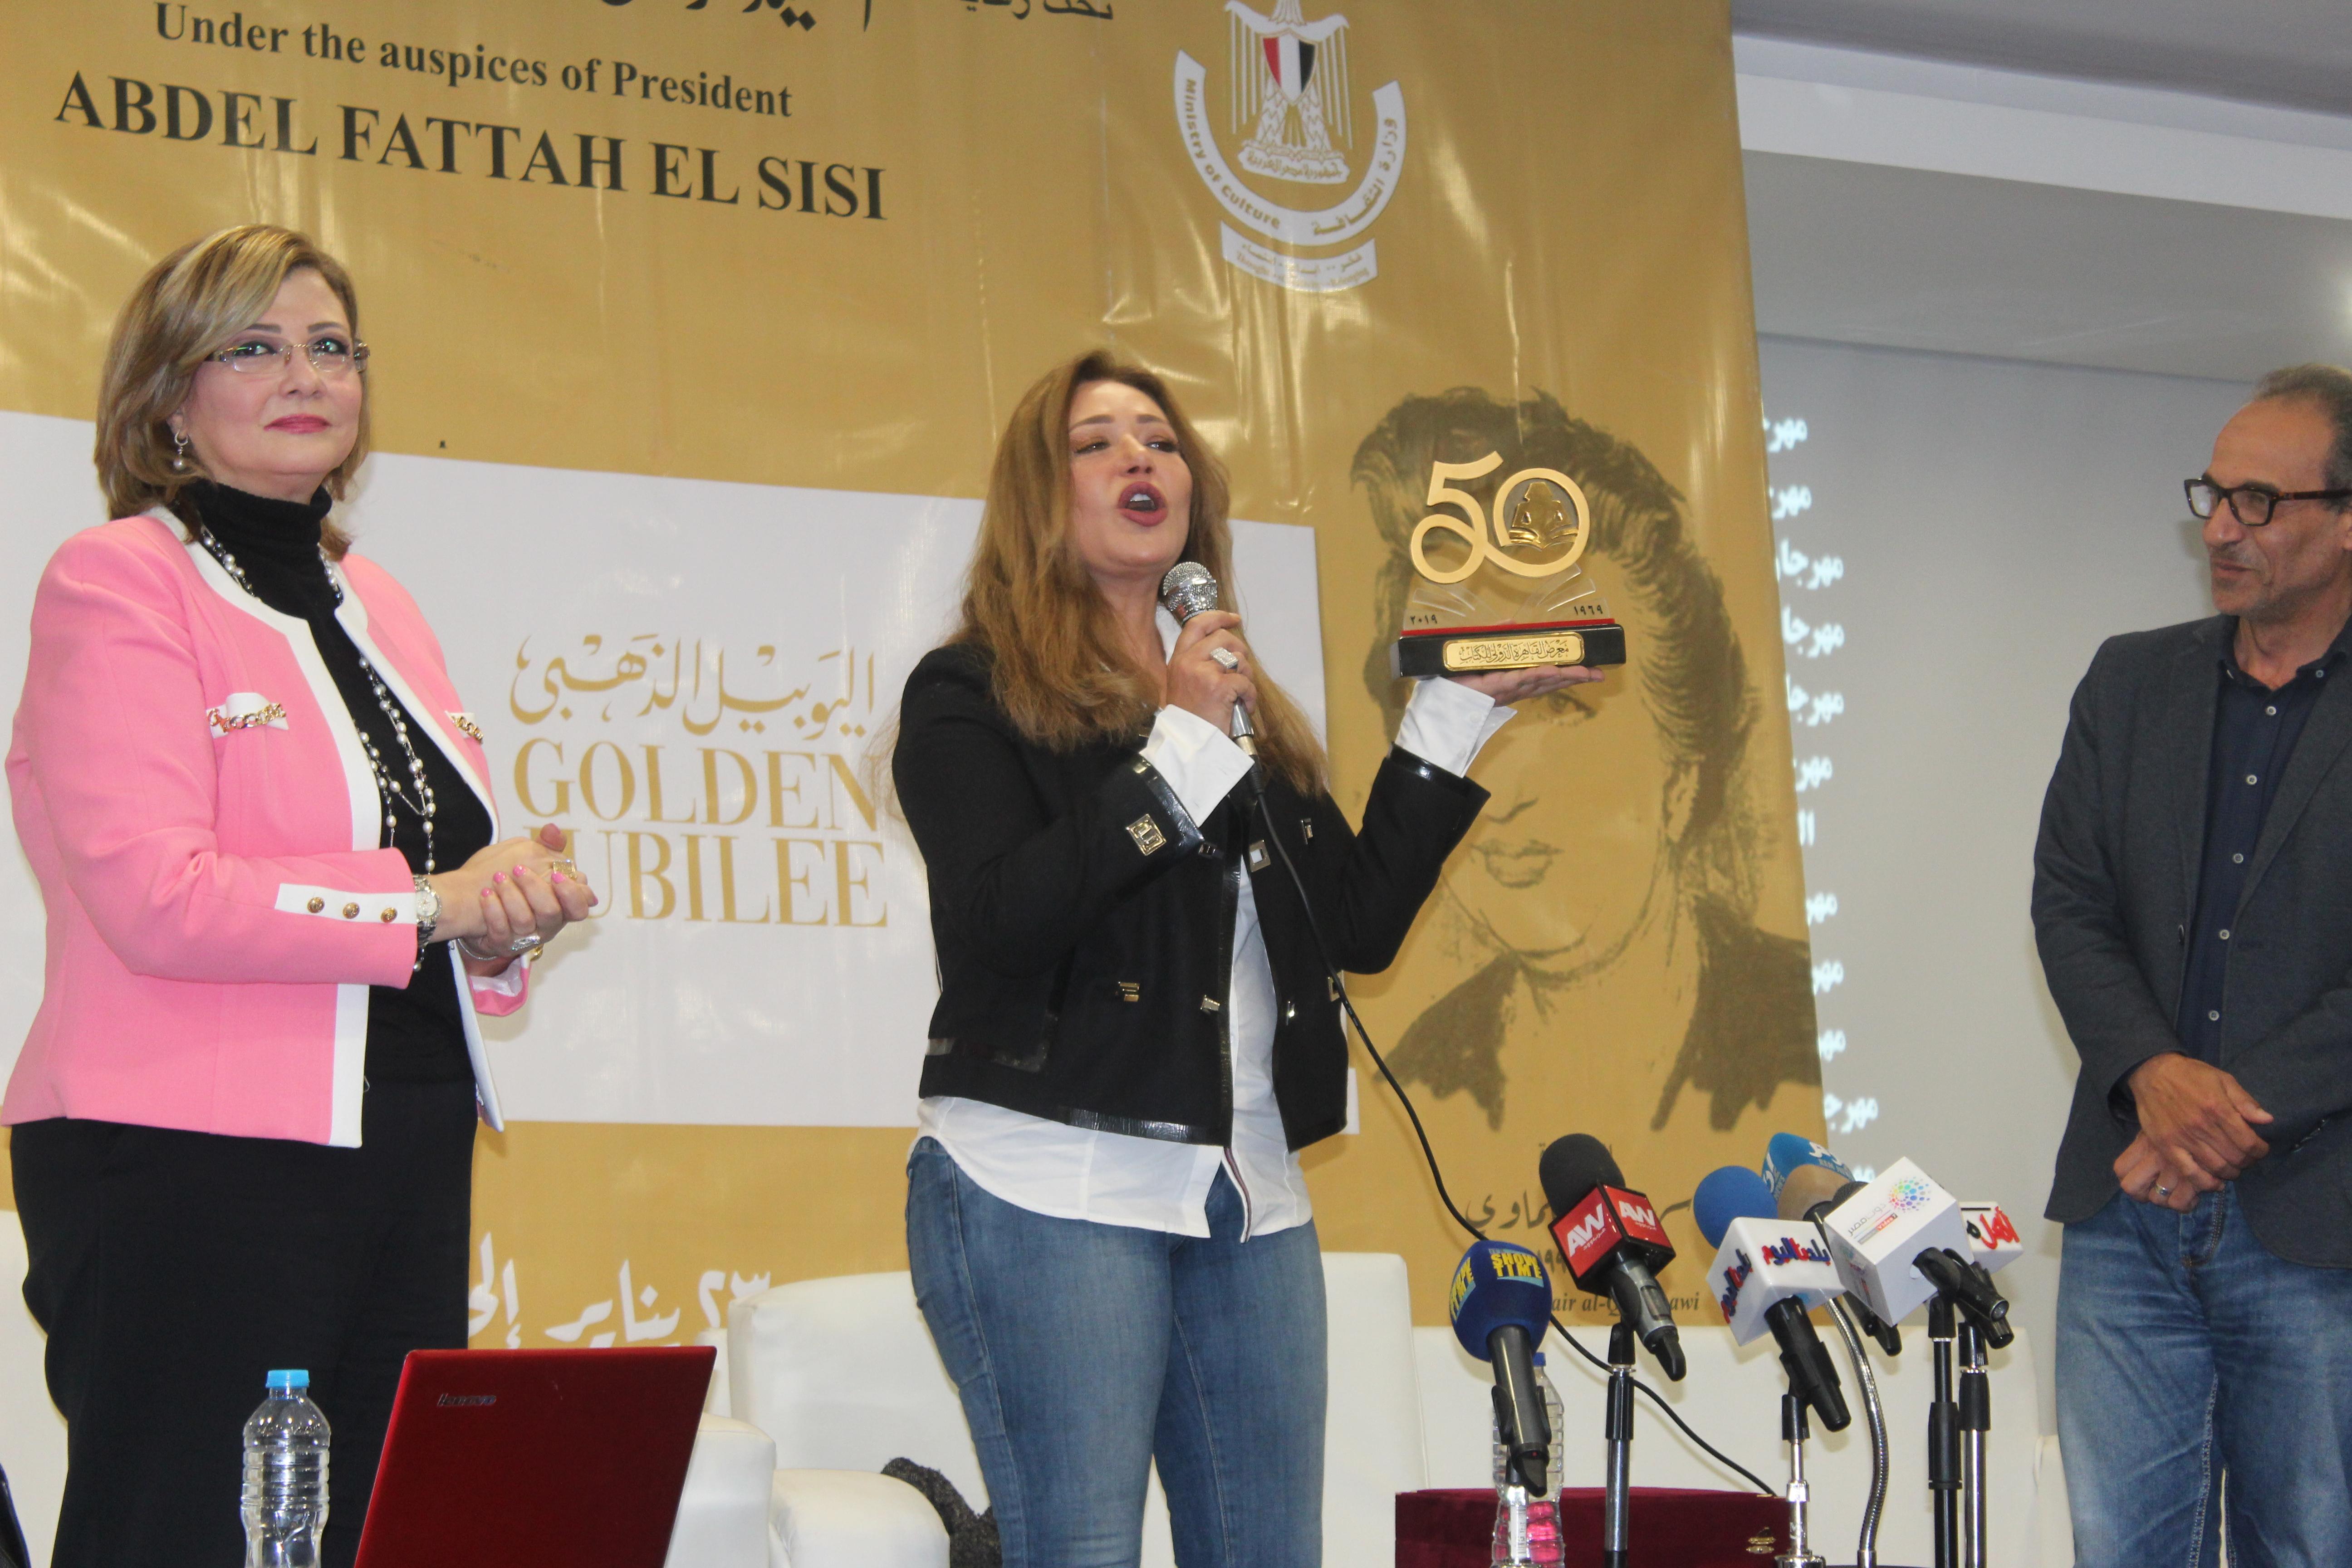 تكريم الفنانة ليلى علوى فى معرض القاهرة الدولى للكتاب بيوبيله الذهبى 1